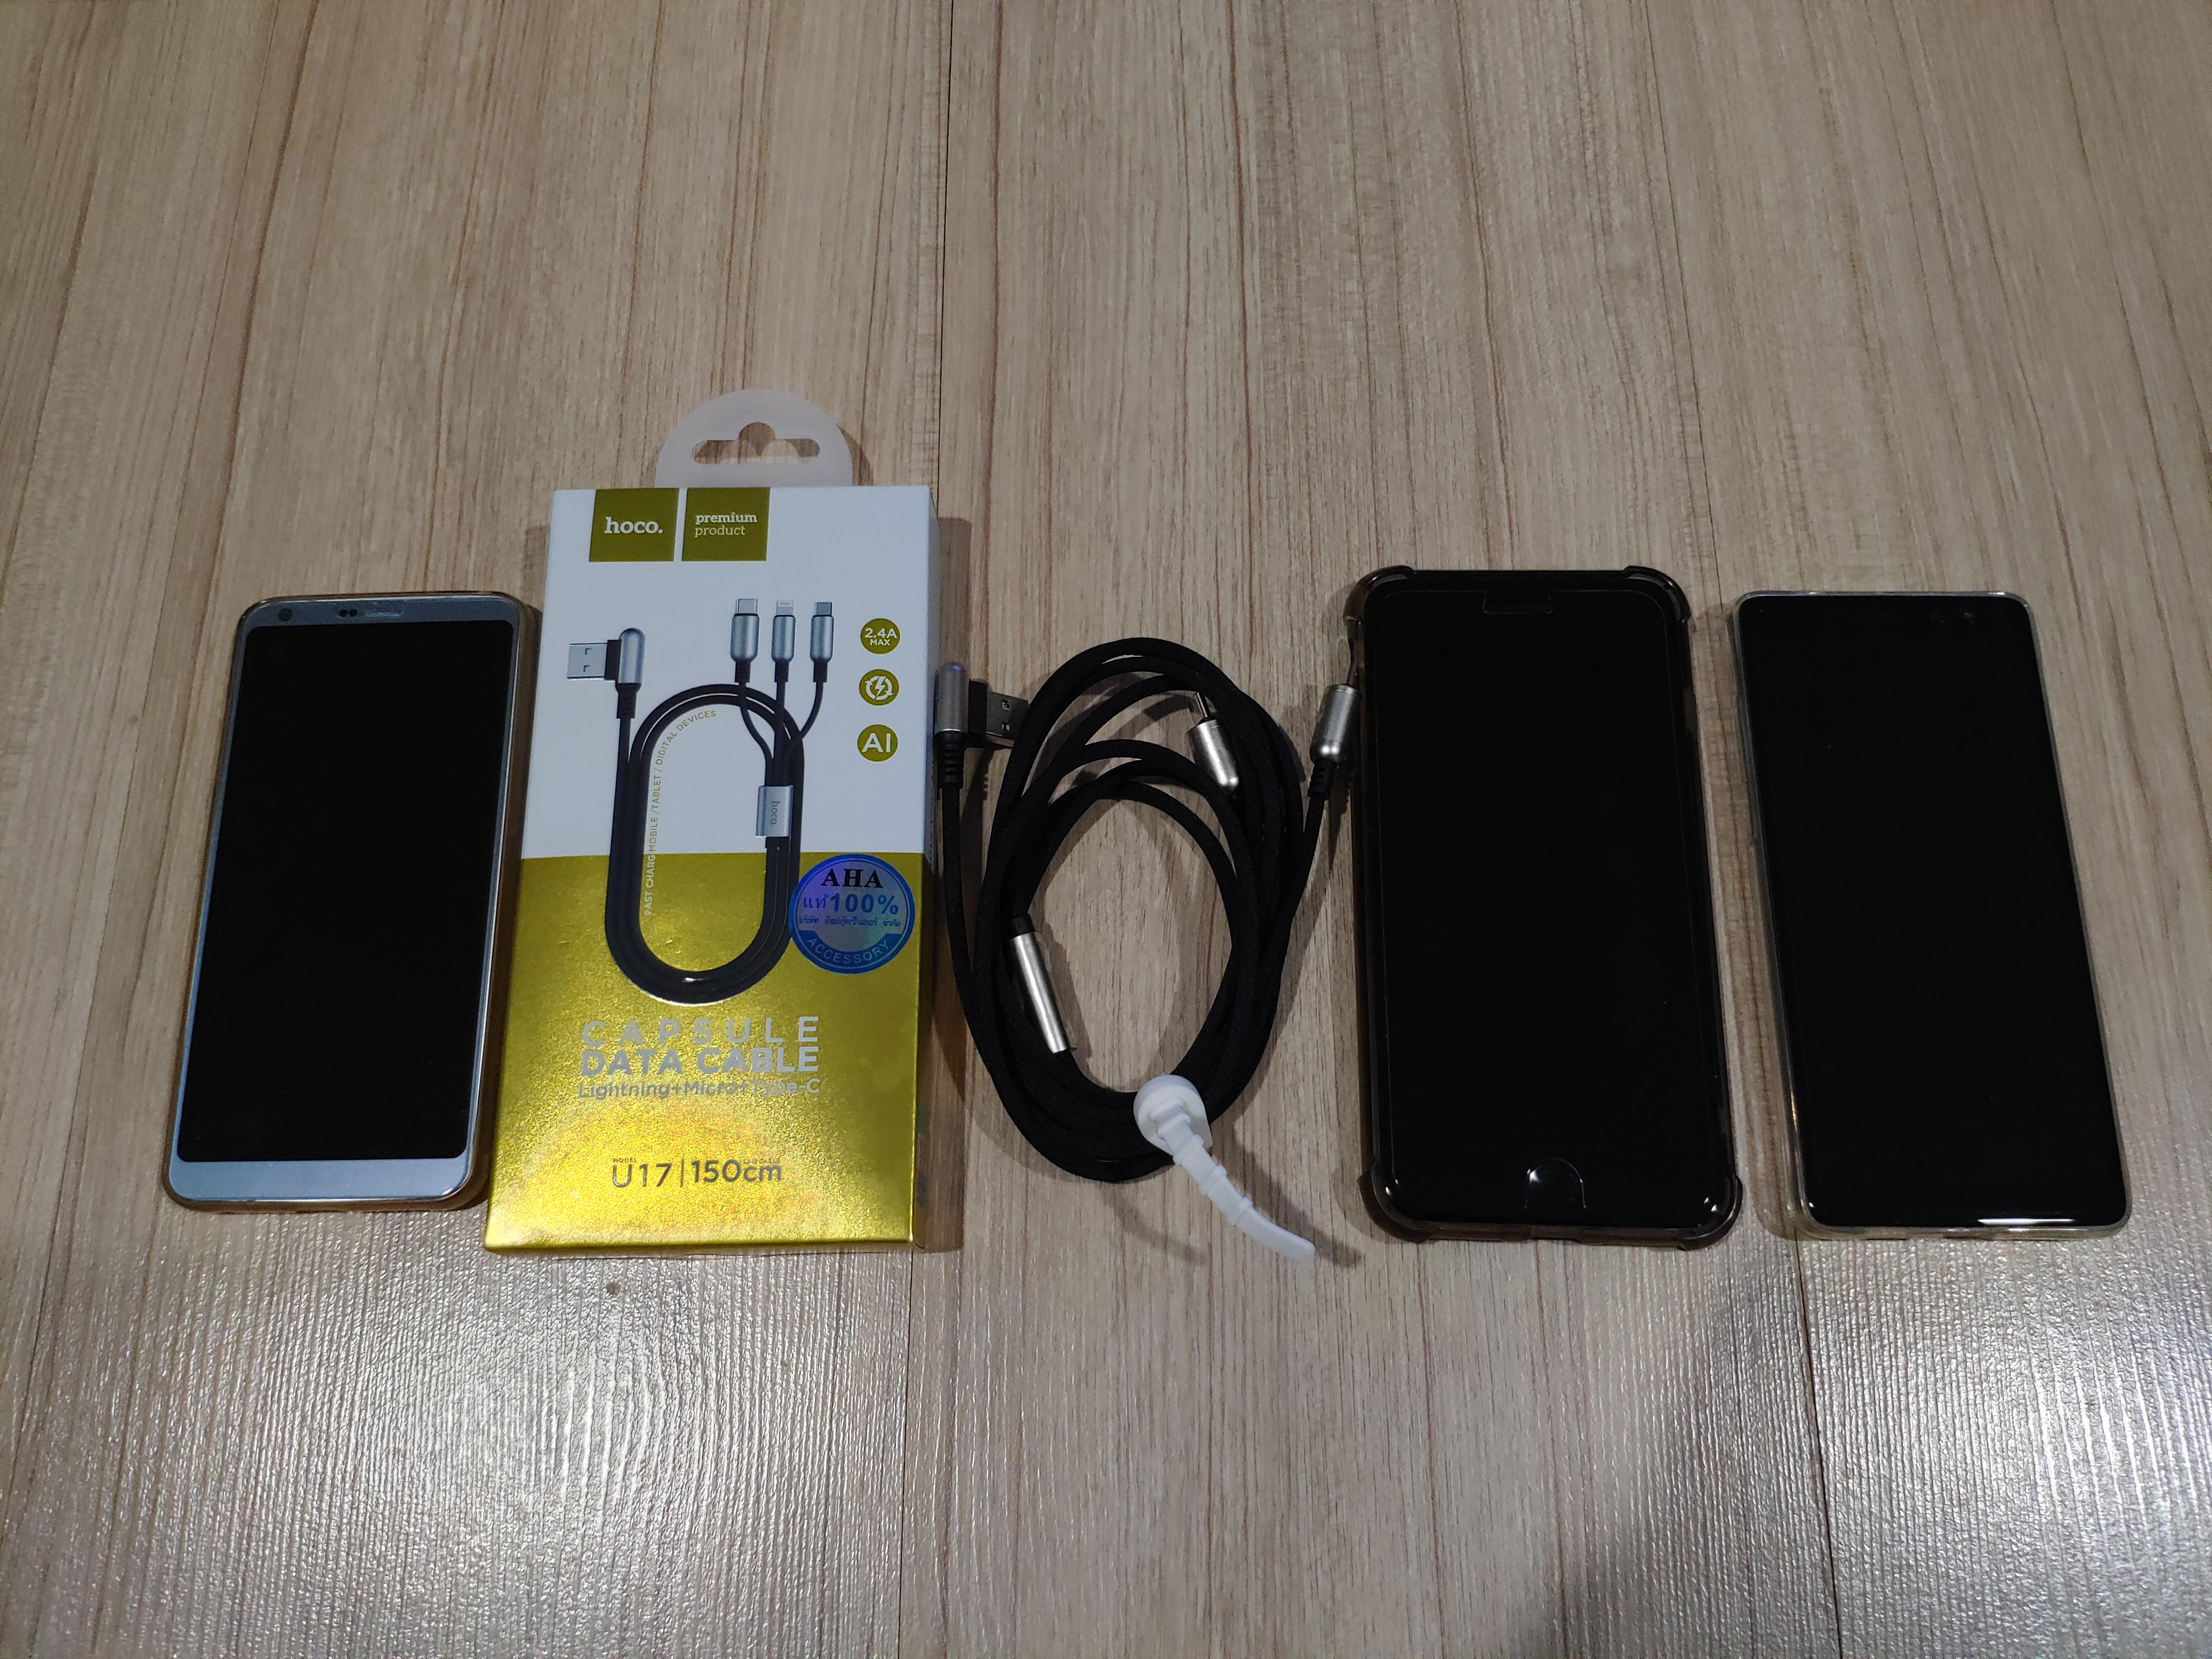 รีวิวสายชาร์จแบบ 3 in 1 ของ hoco รุ่น U17 Micro USB, Lightning หรือ USB-C เส้นเดียวเอาอยู่หมด 1